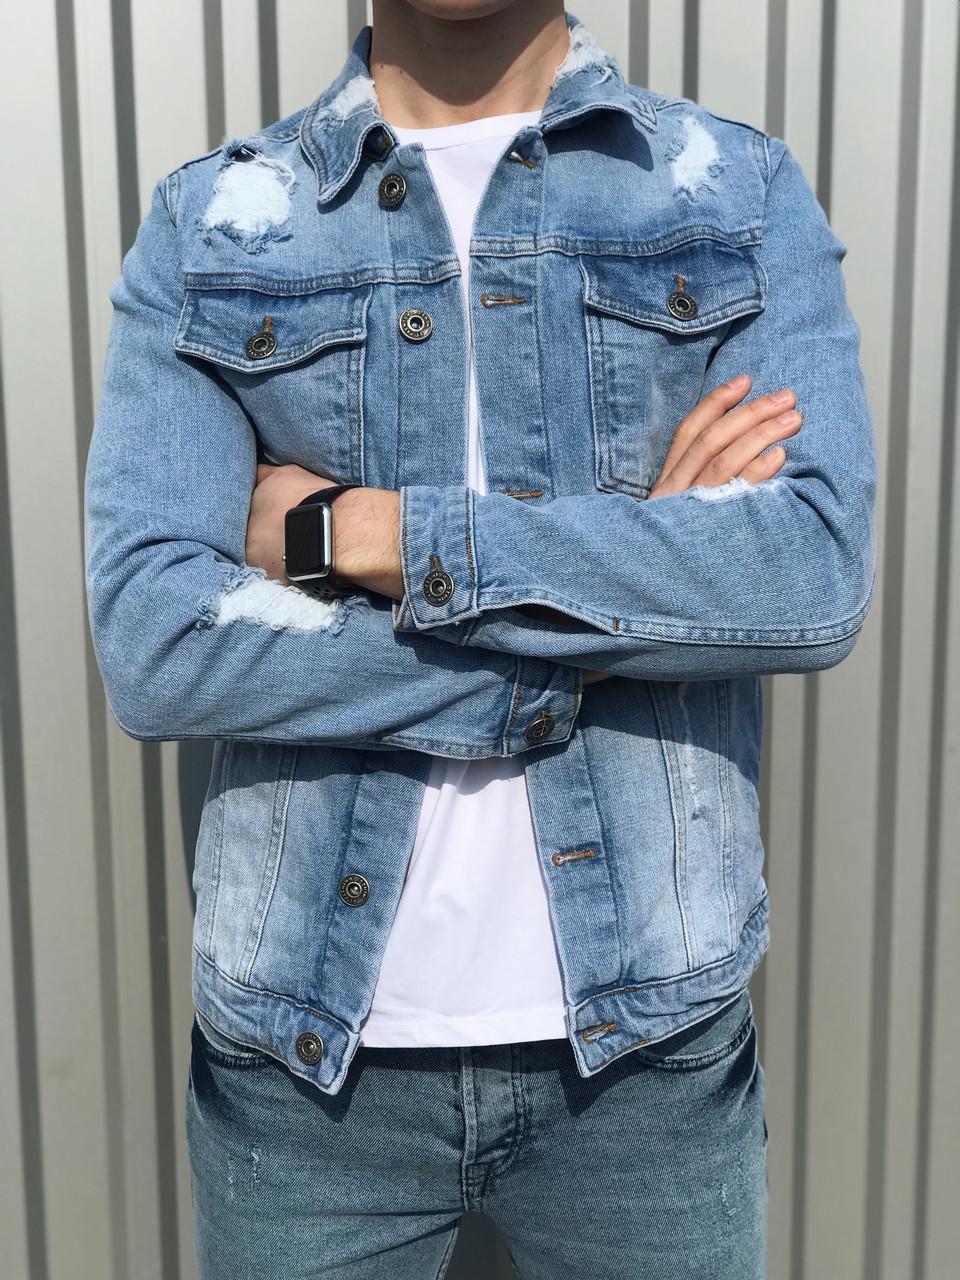 Мужской джинсовый пиджак светло-синий 2Y Premium S размера